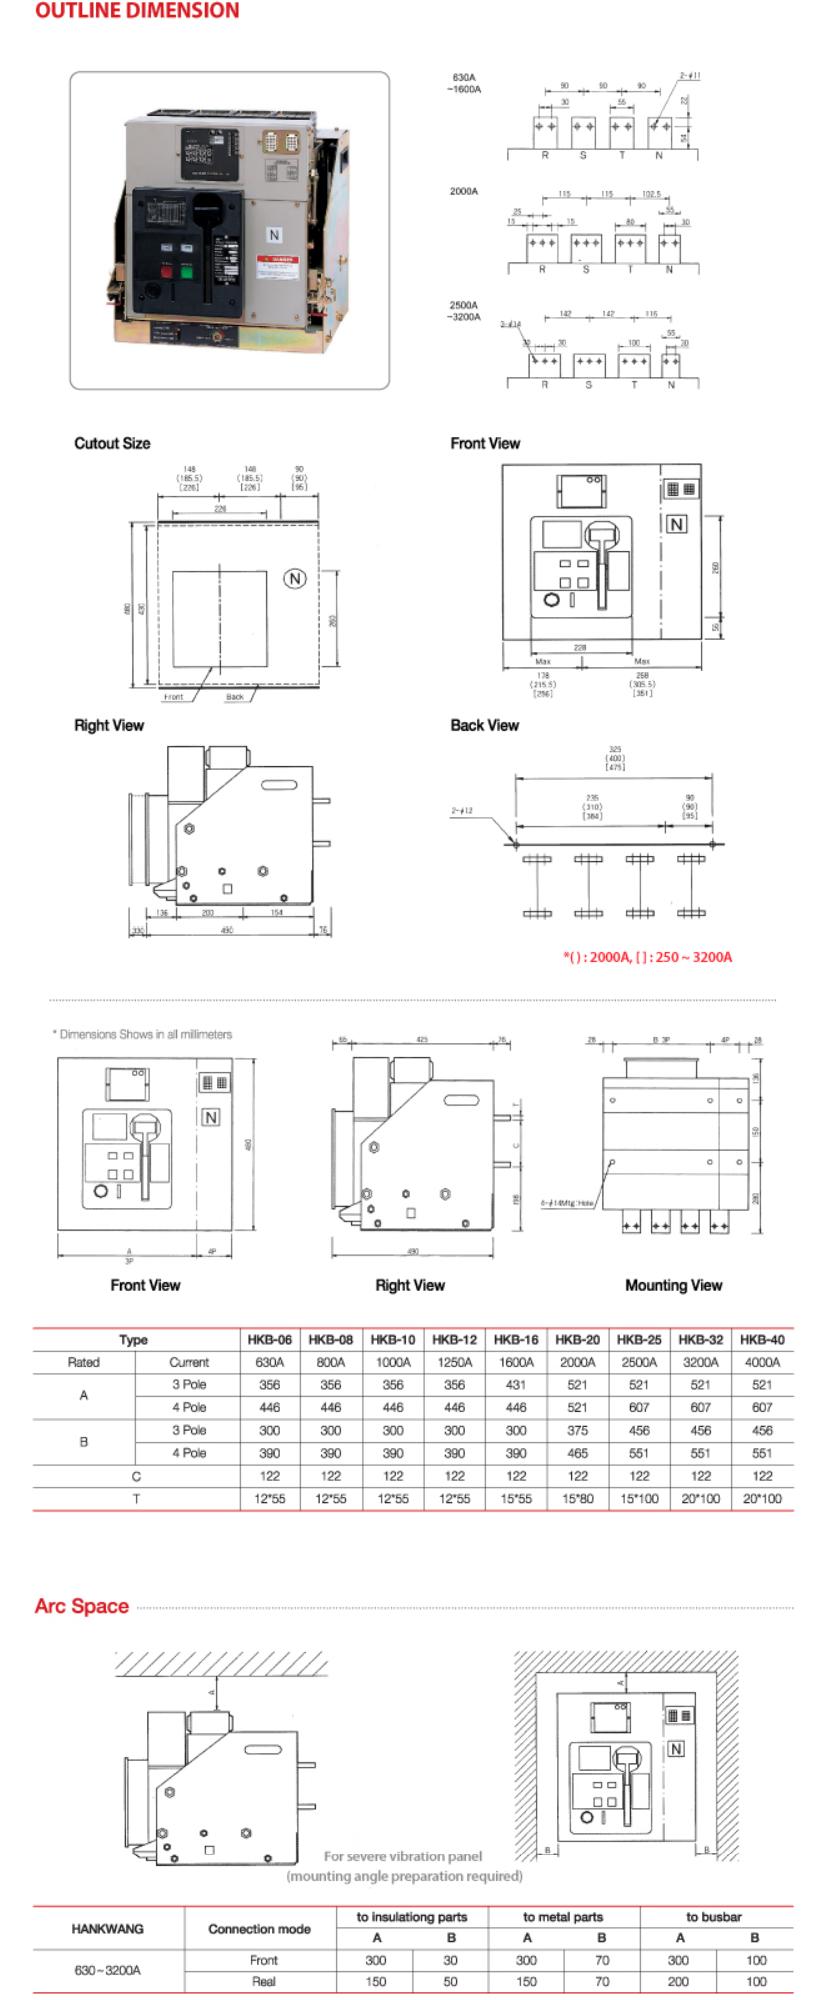 한광전기공업(주) 인출형 외형치수  1